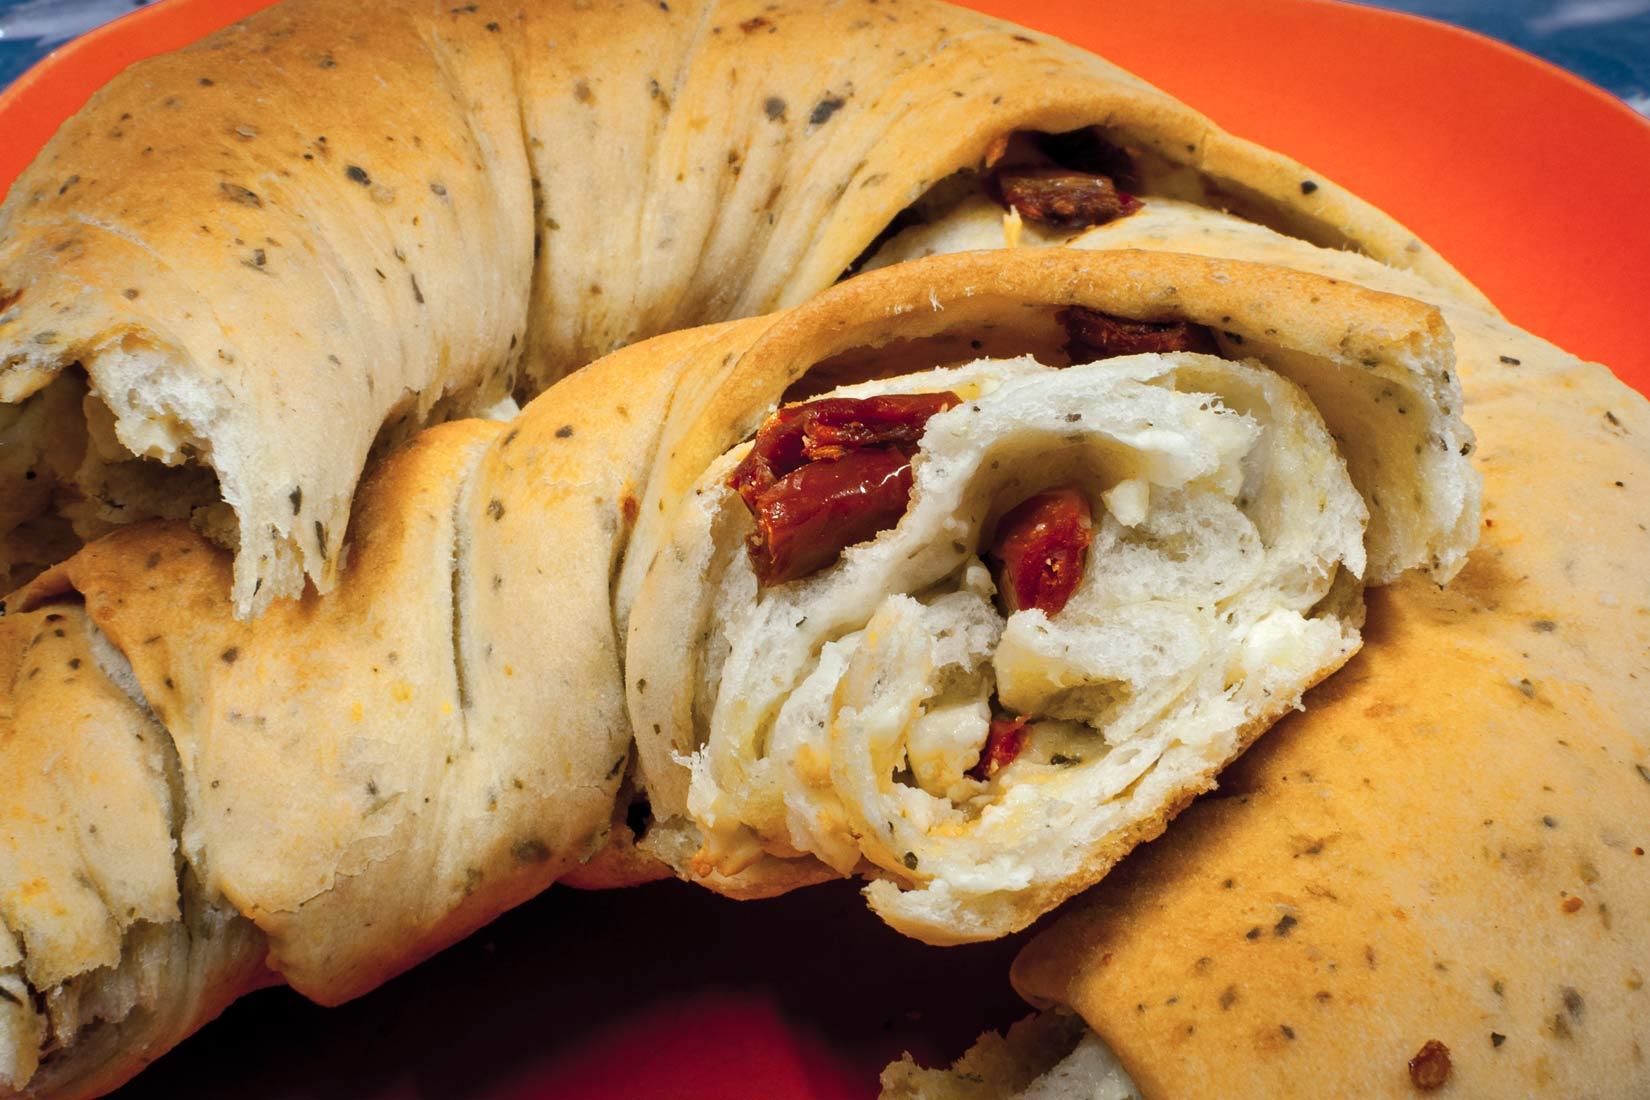 Sušená rajčátka, nejlépe řecká, pošlou chléb do jiné dimenze chutí.